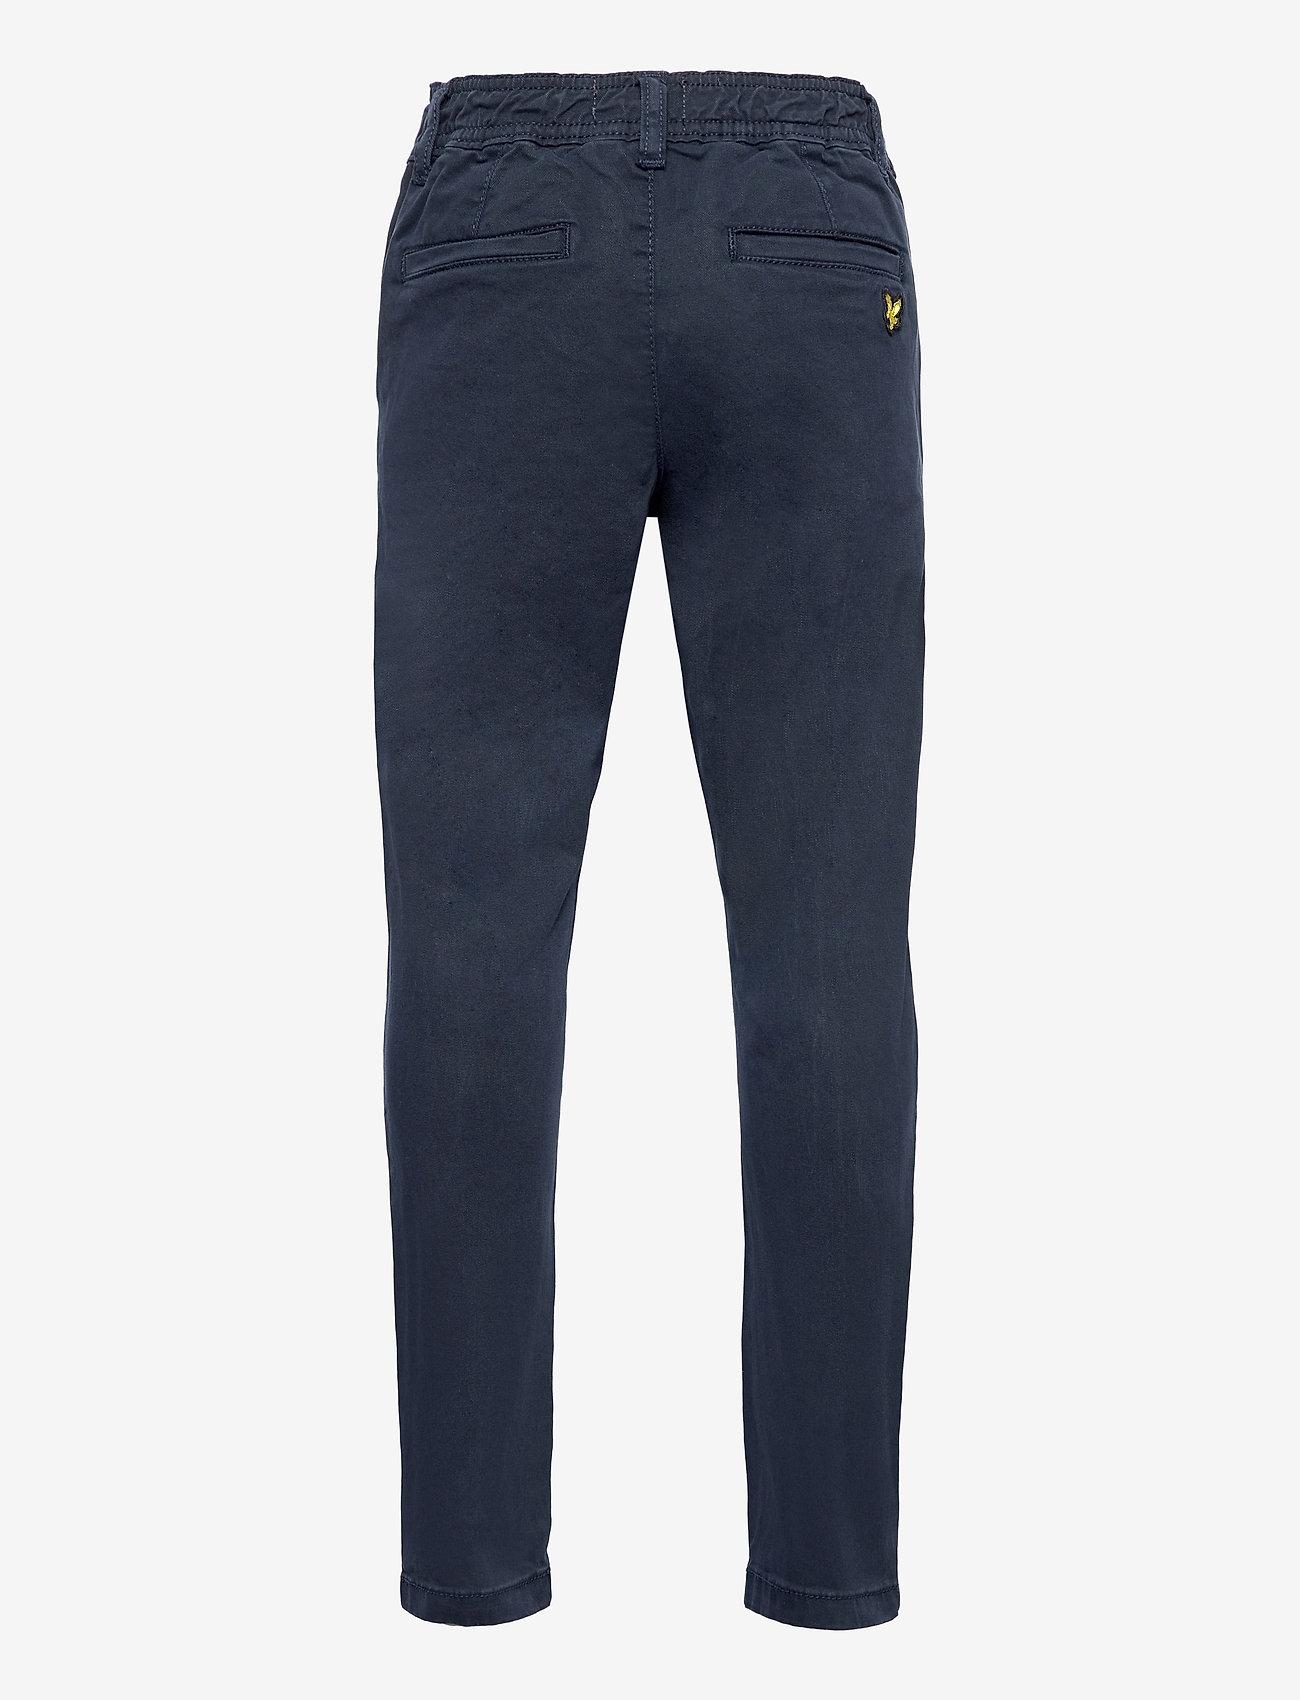 Lyle & Scott Junior - Elasticated Chino - trousers - navy blazer - 1